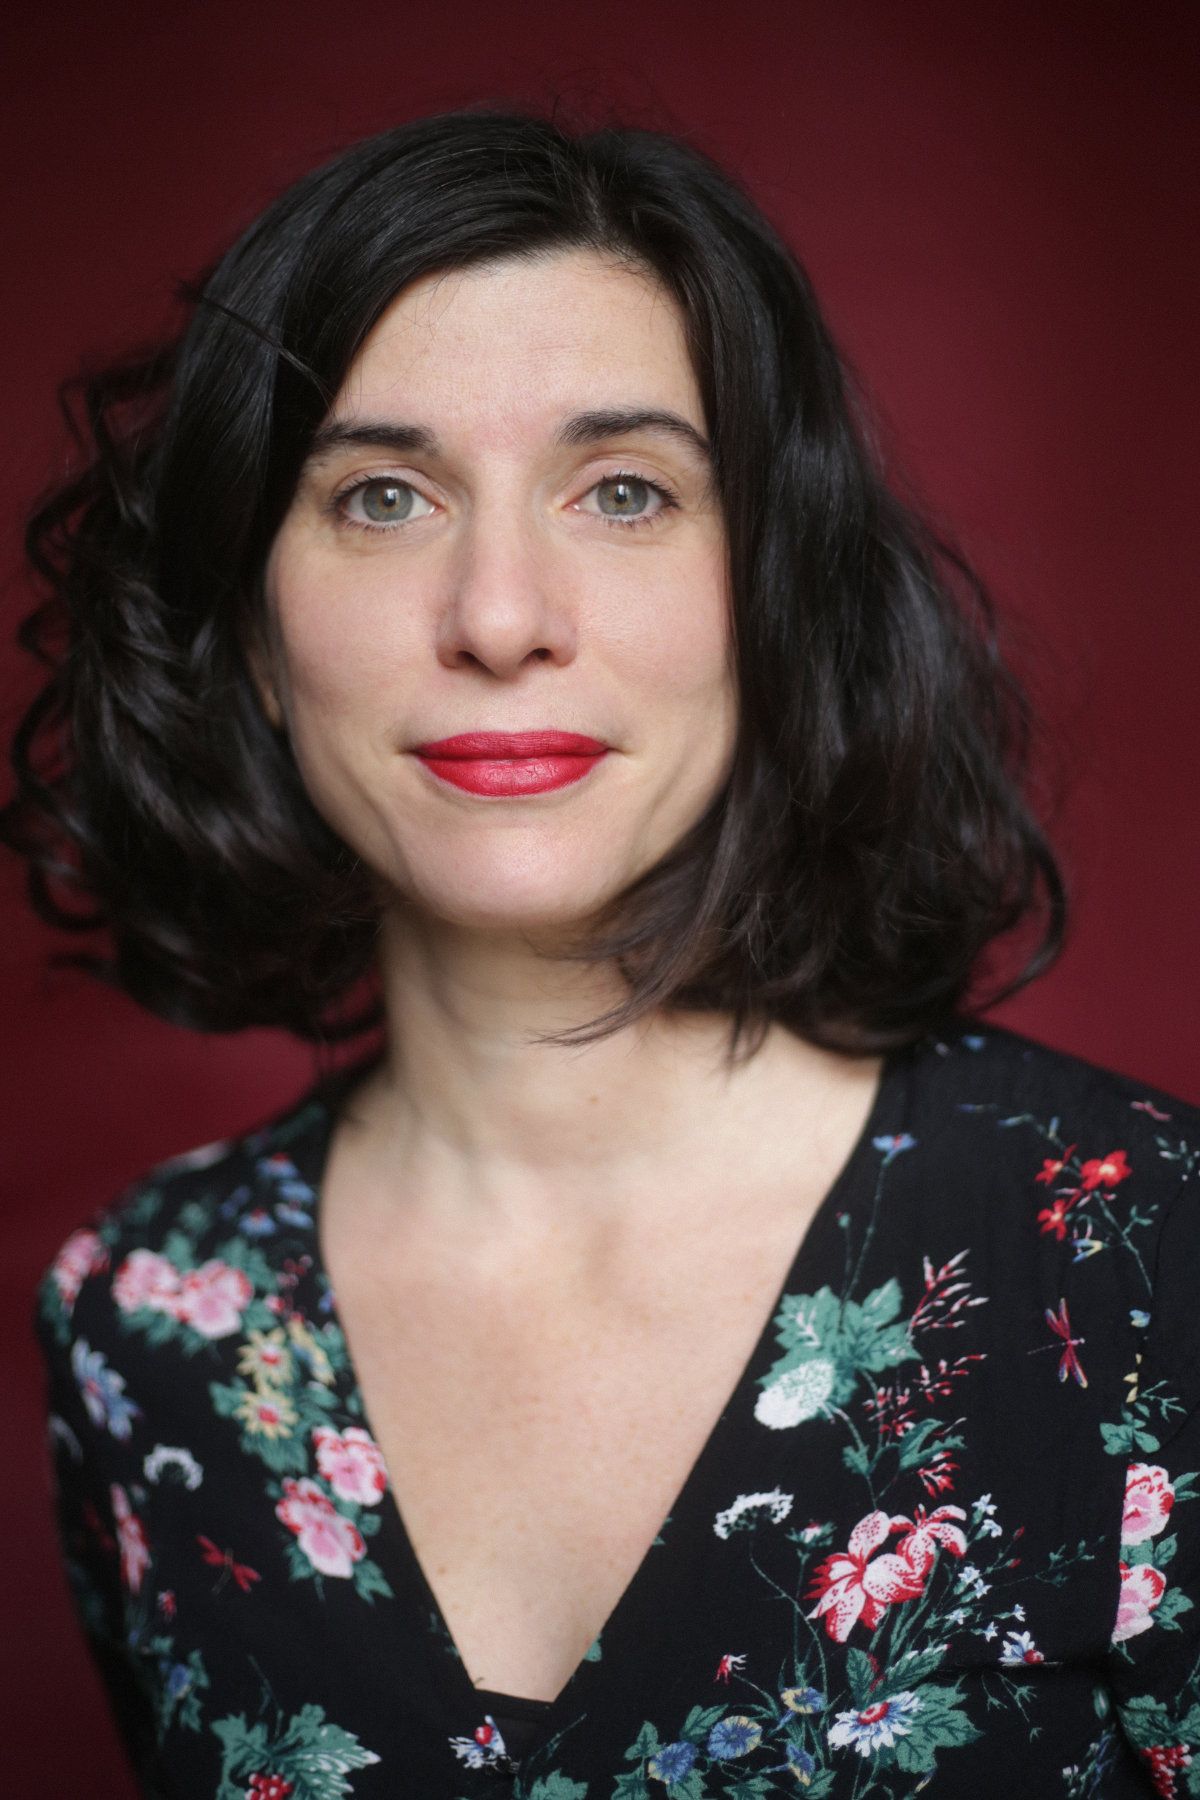 Photographie d'Amandine Marco, fondatrice d'Arts Accessibles